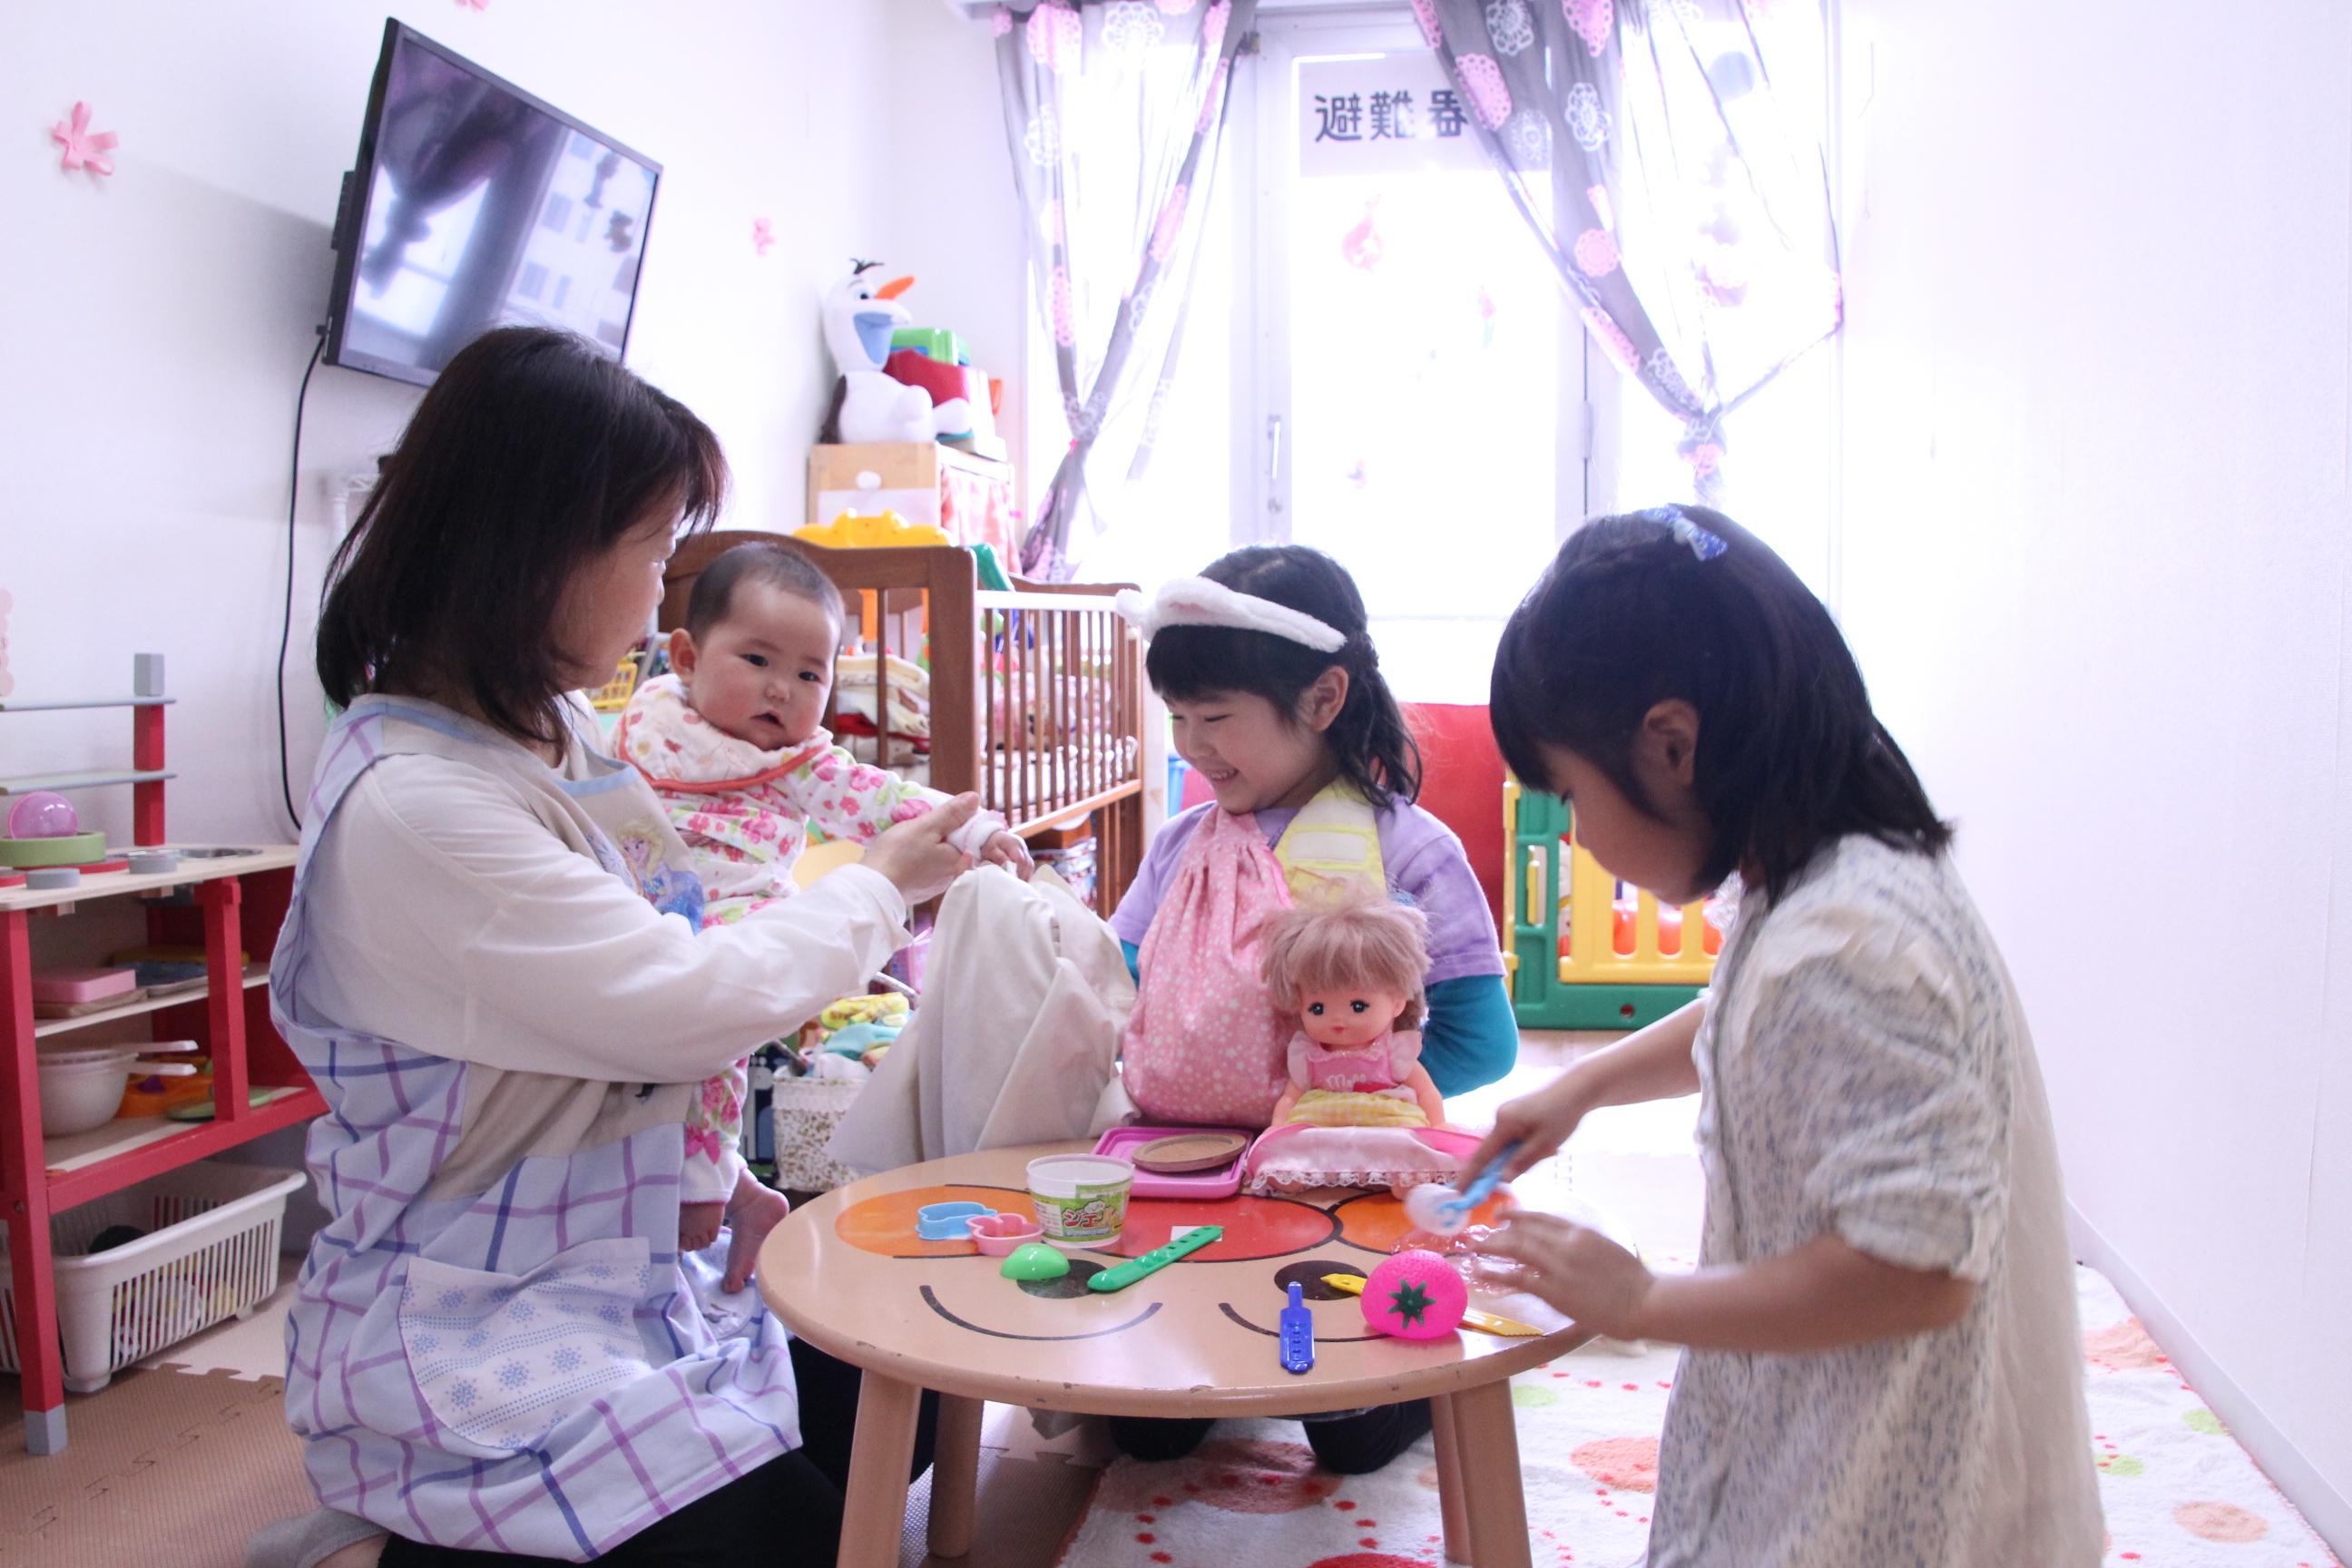 無料の託児所完備のイメージ